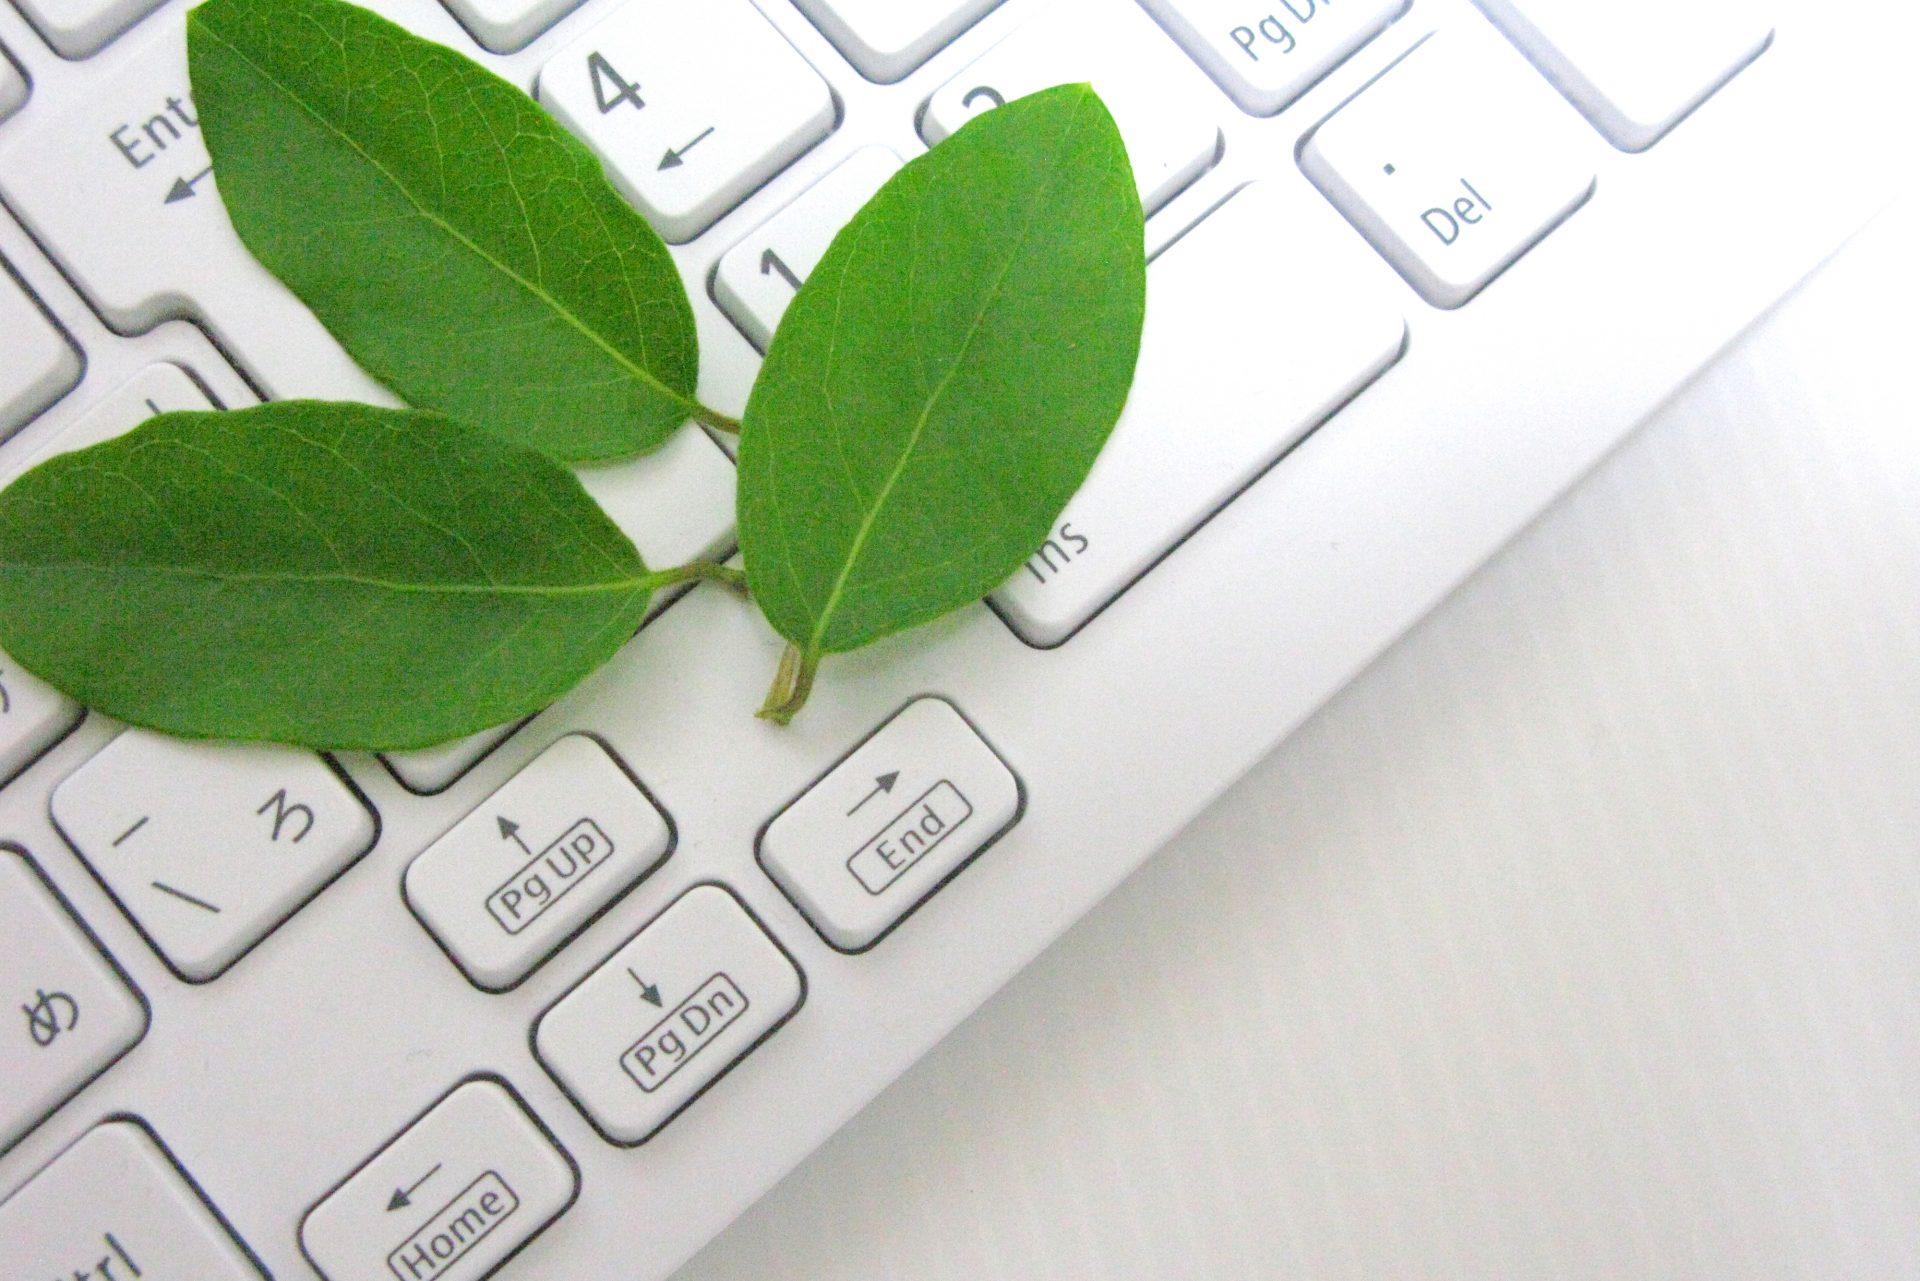 無料パソコン教室のイメージ